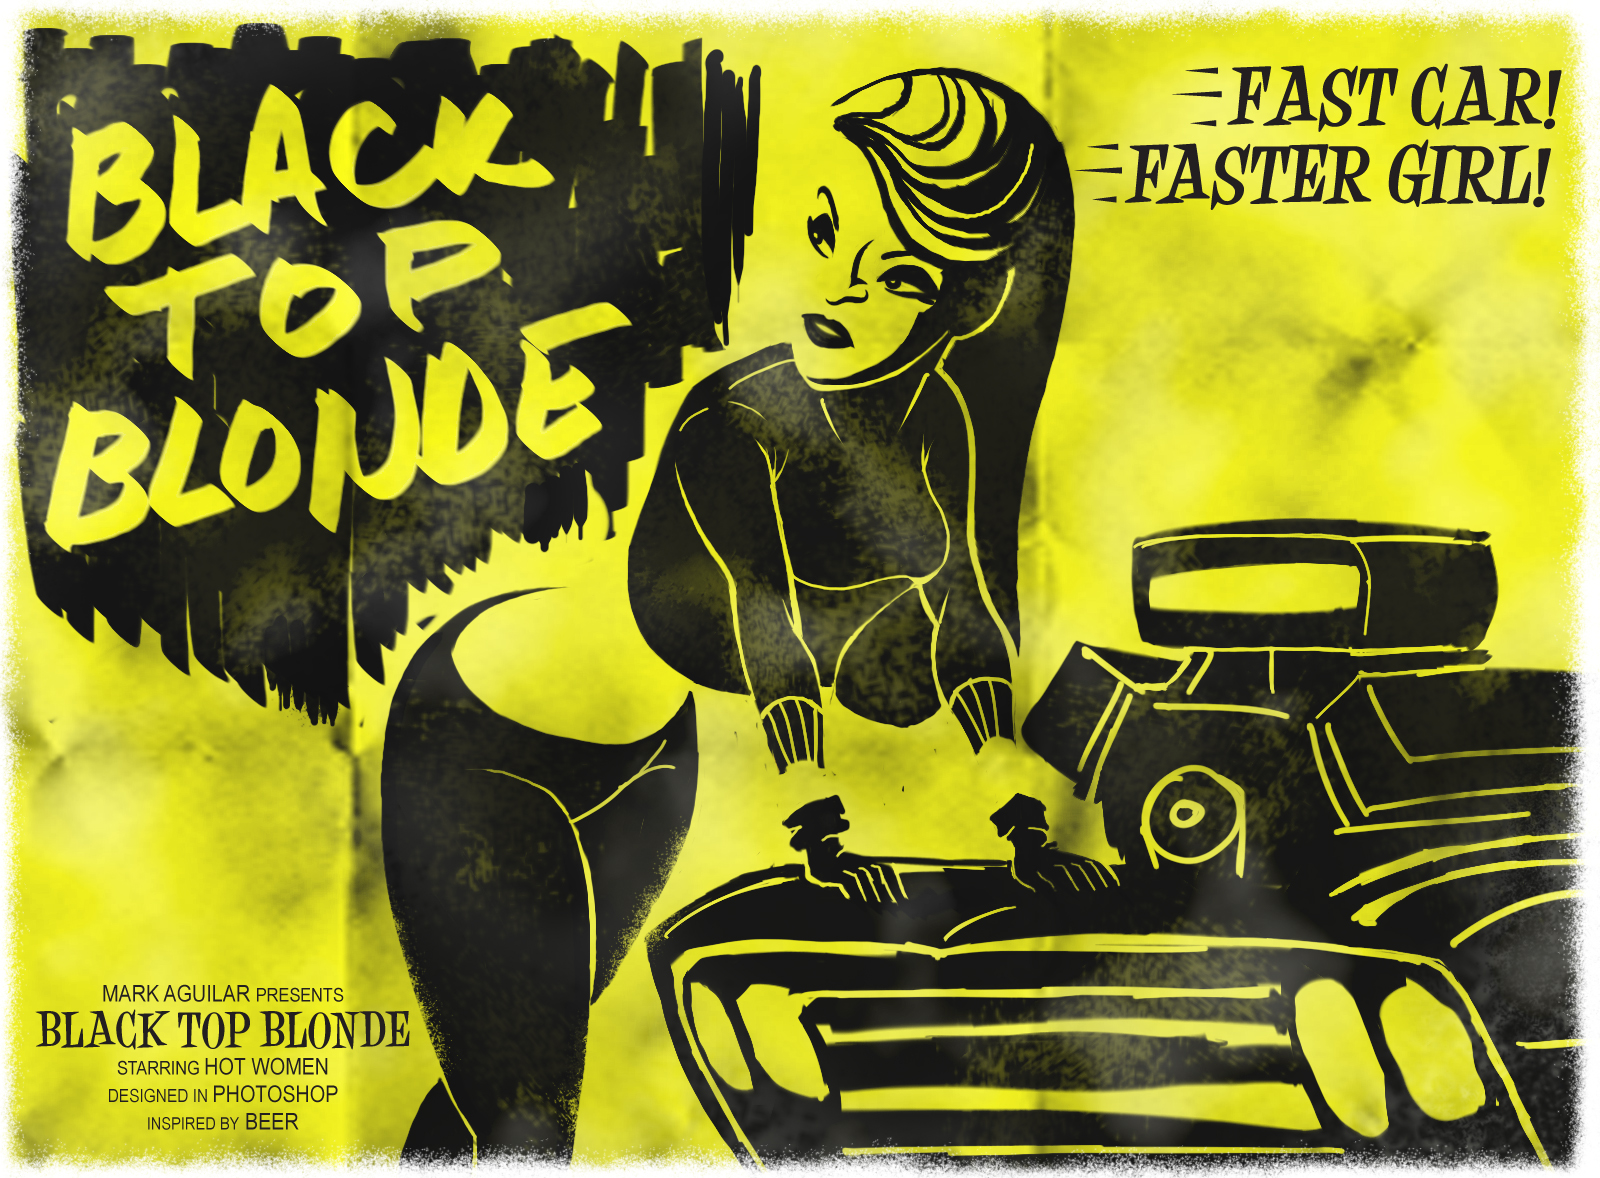 Black Top Blonde